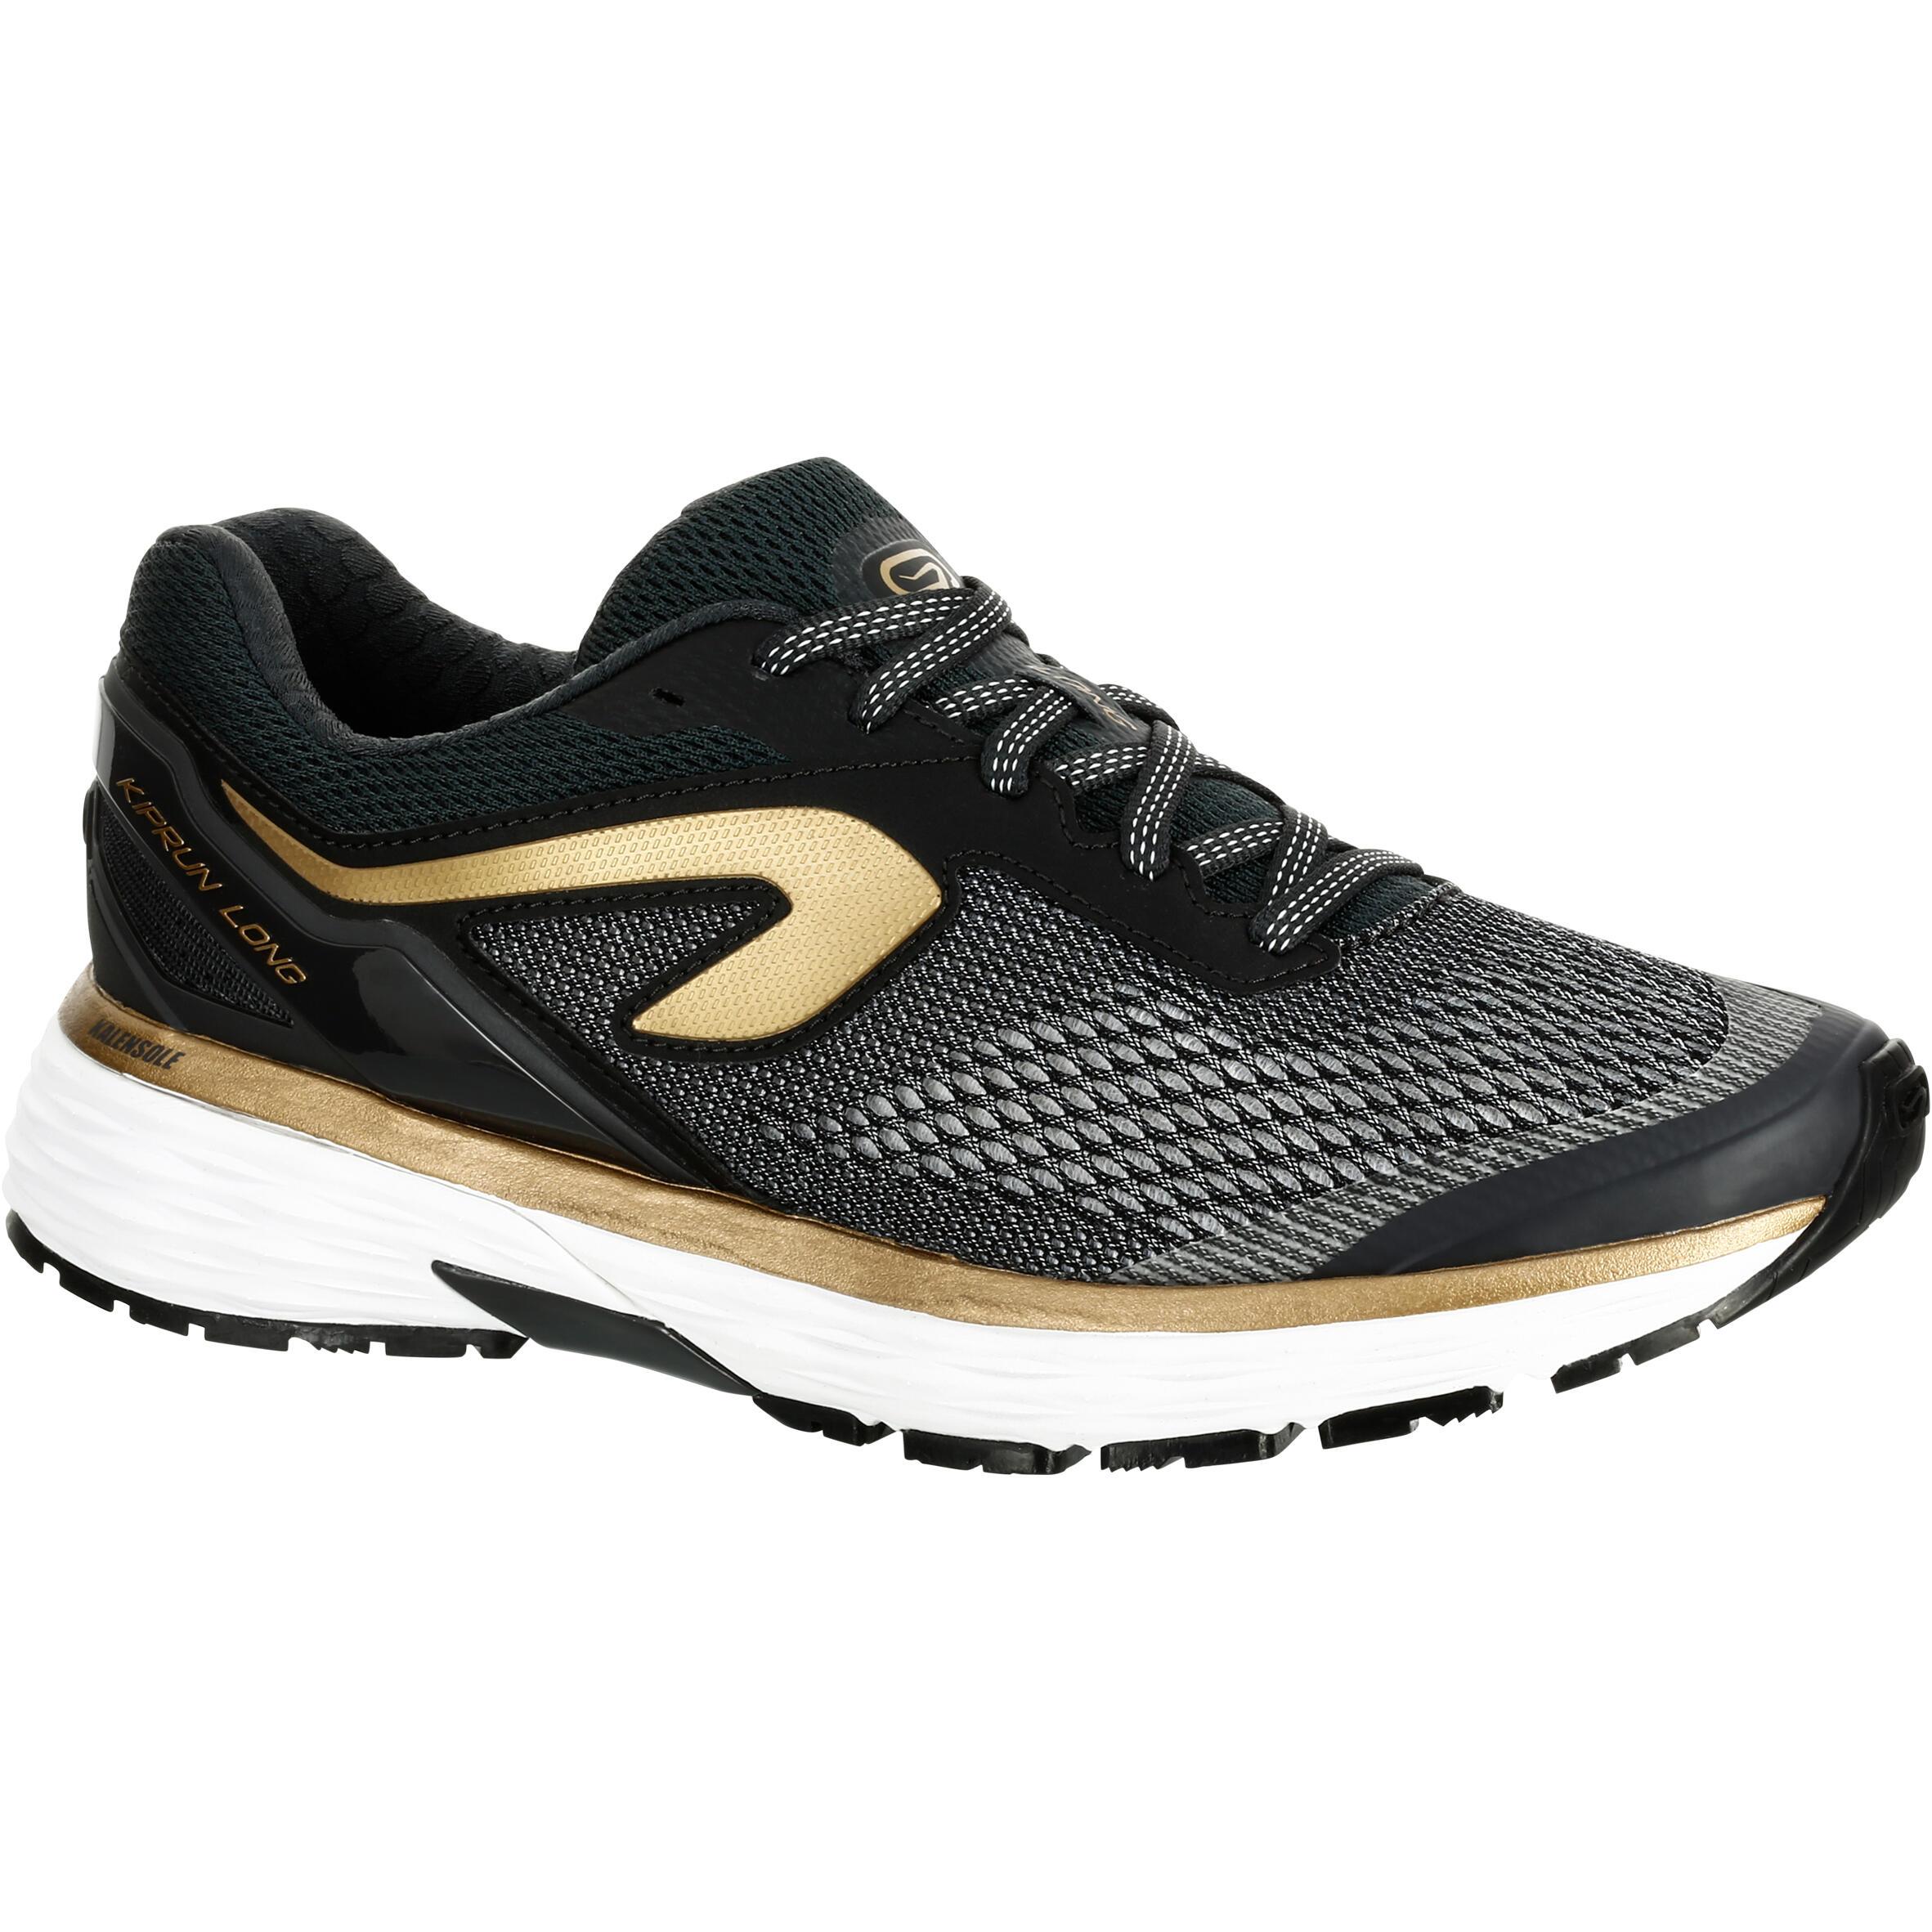 2501828 Kalenji Hardloopschoenen voor dames Kiprun Long zwart goud